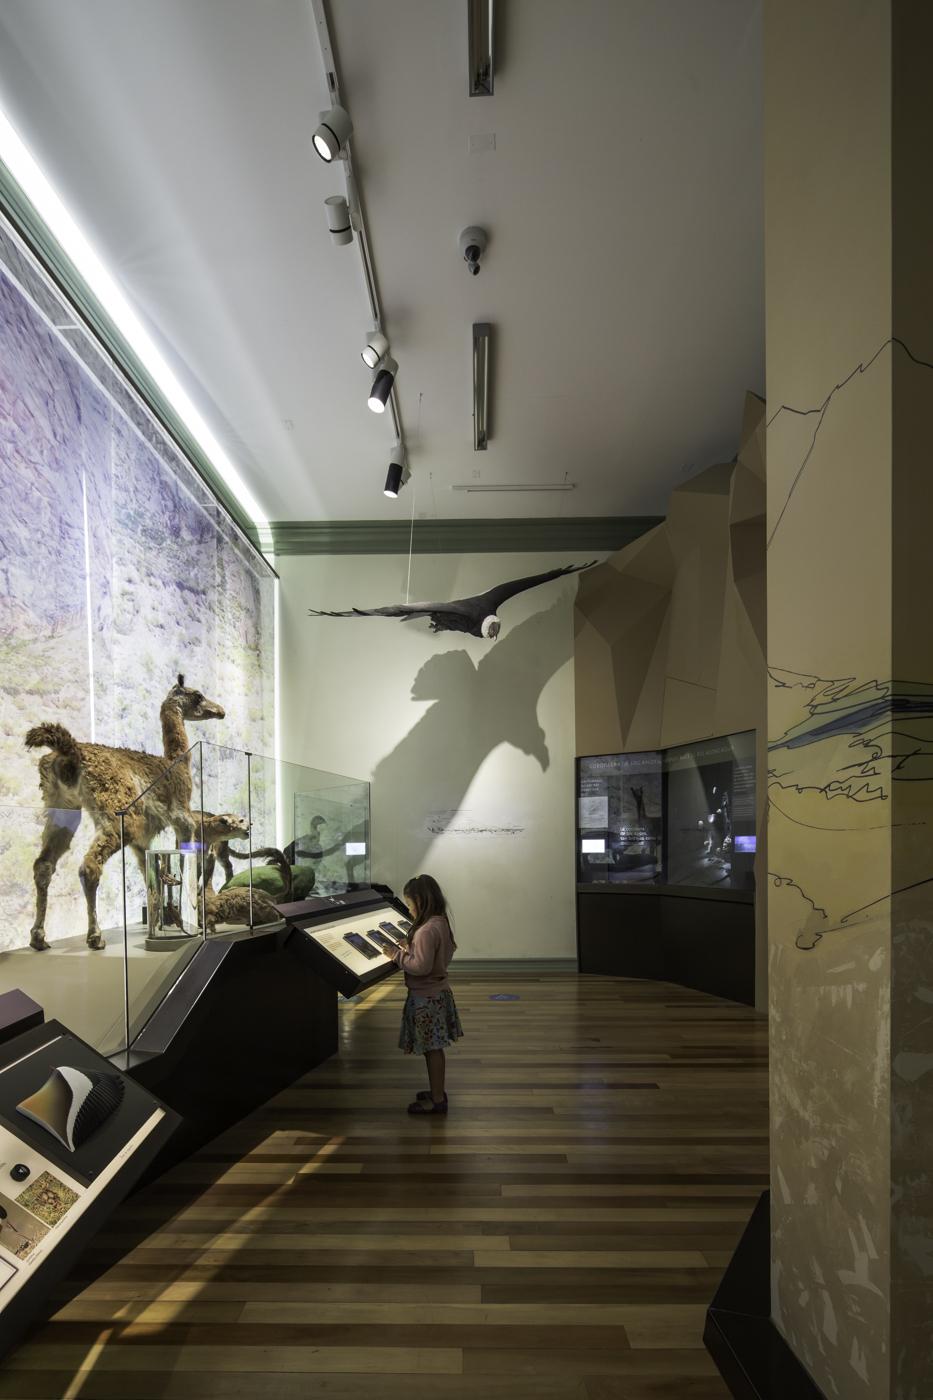 Museografa Museo de Historia Natural Valparaso  SUMO